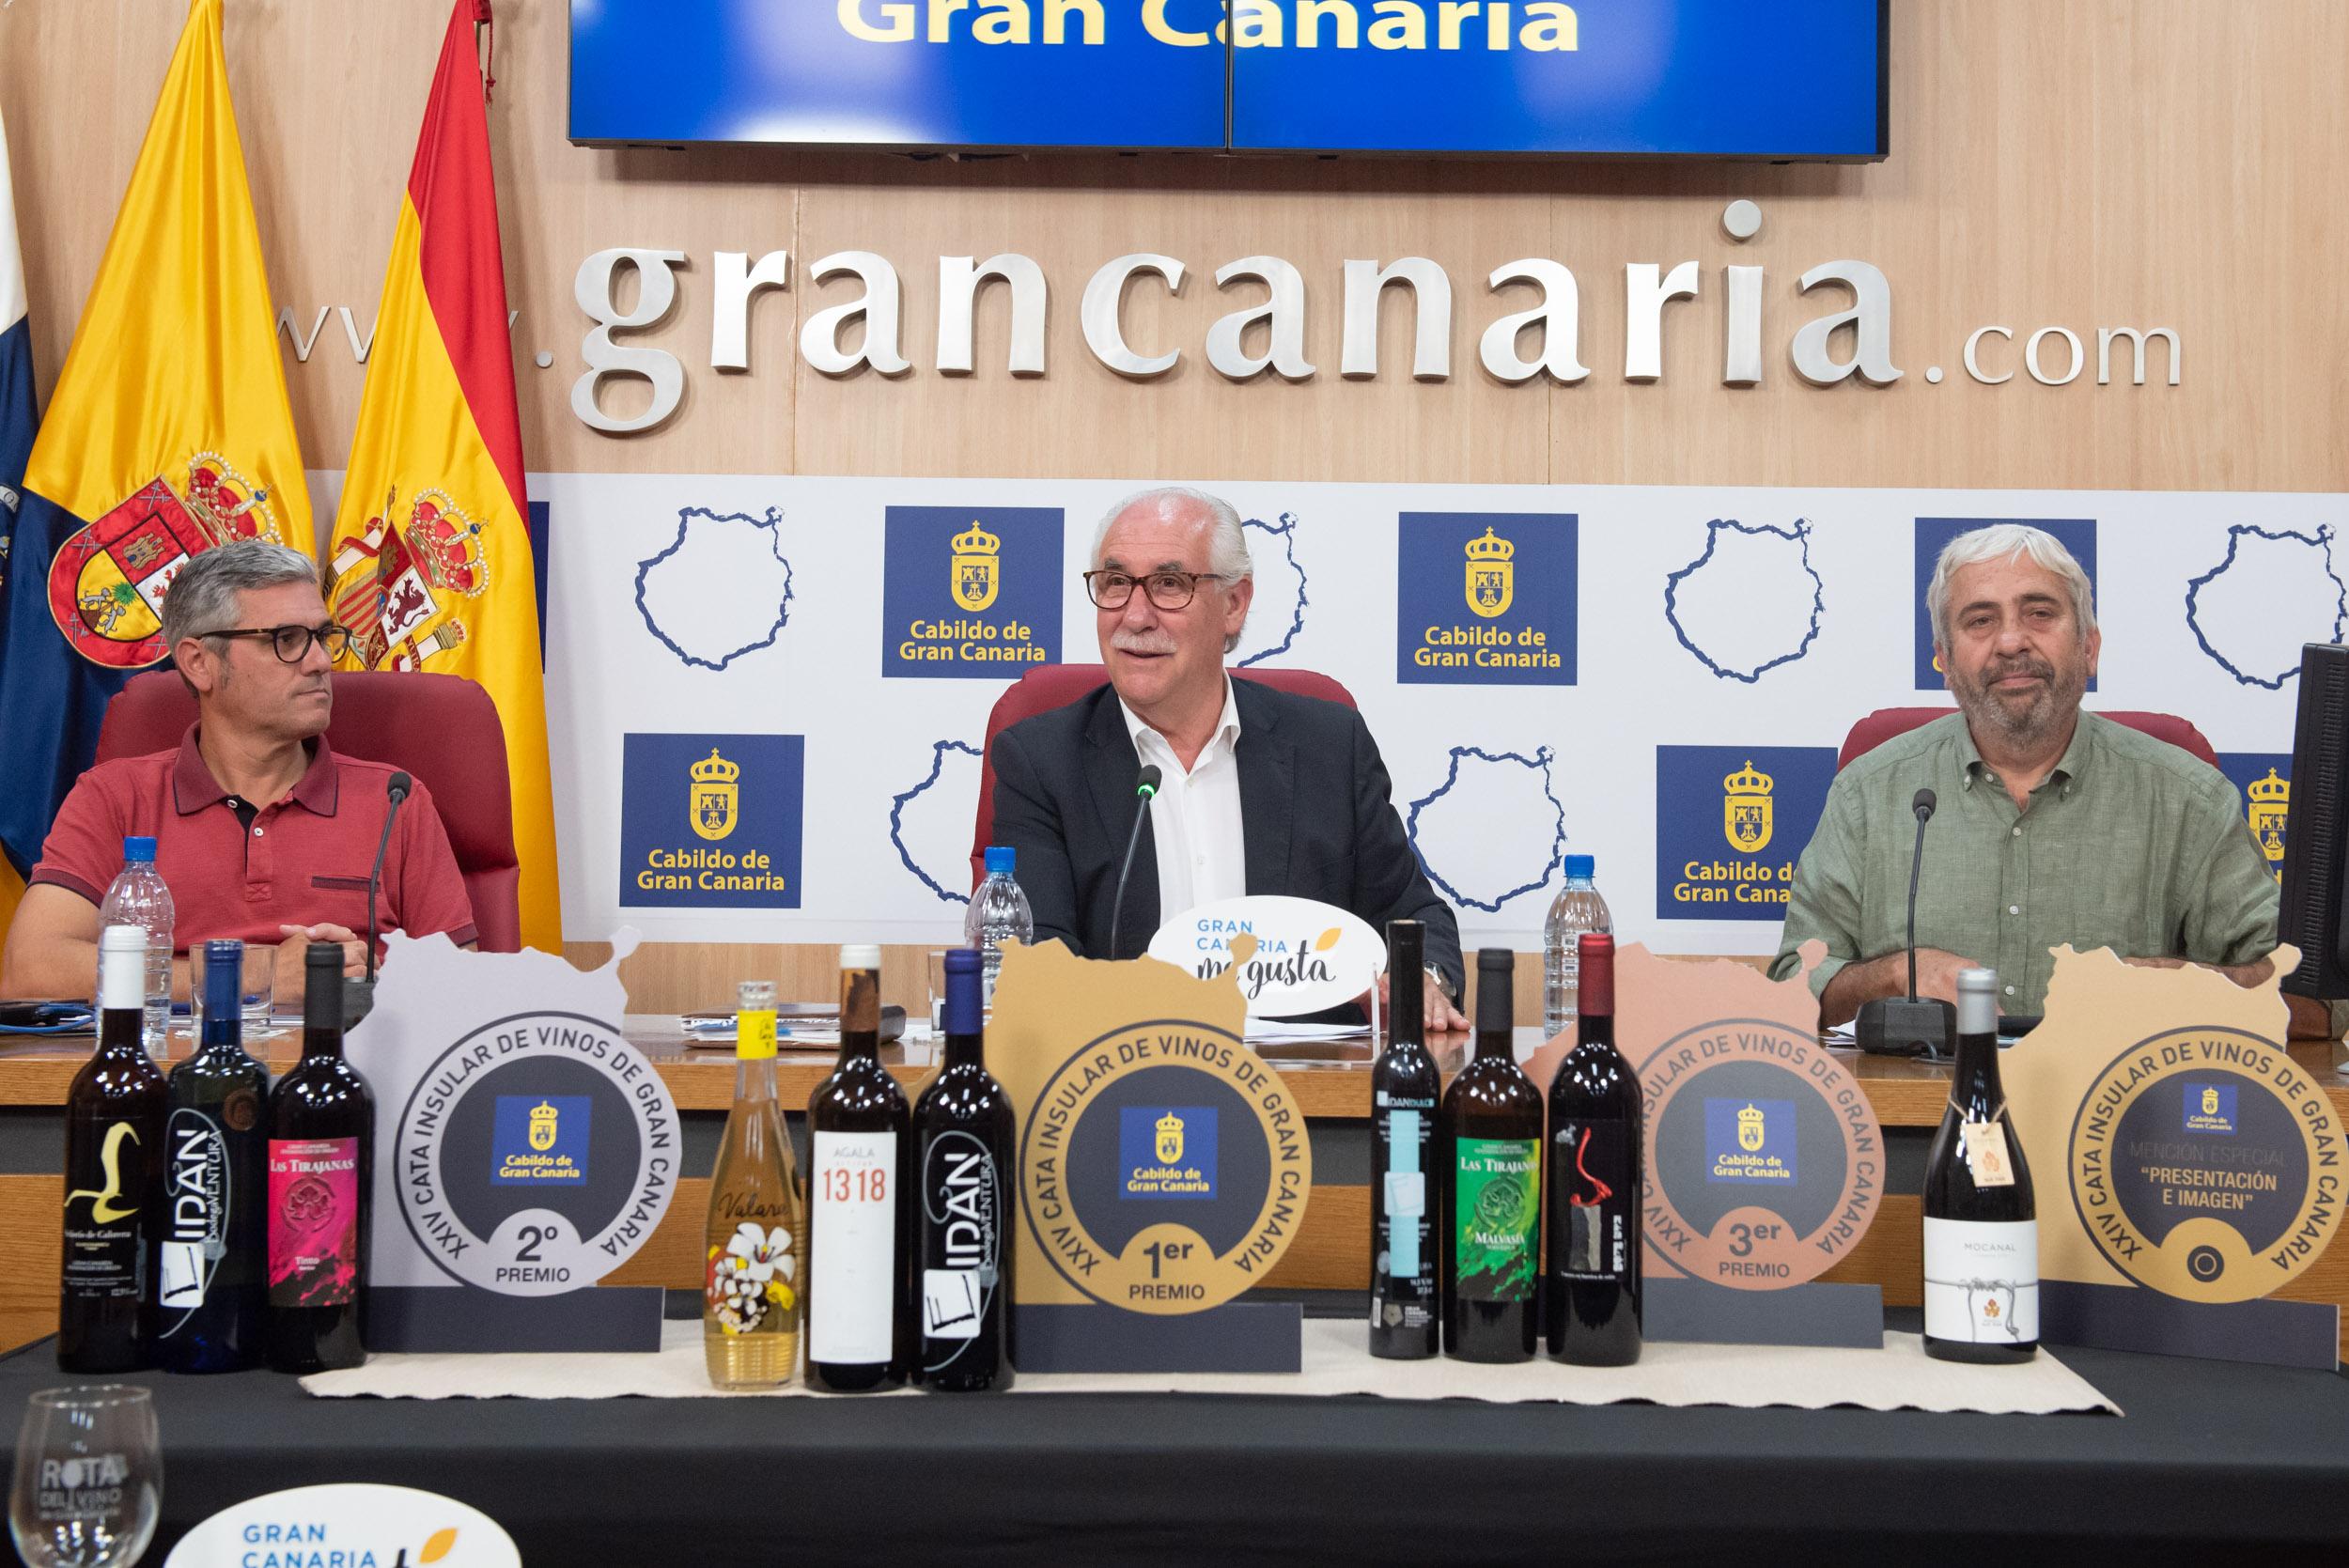 Resultado de imagen de Eidan, Agala y Valara, elegidos los Mejores Vinos de Gran Canaria 2019